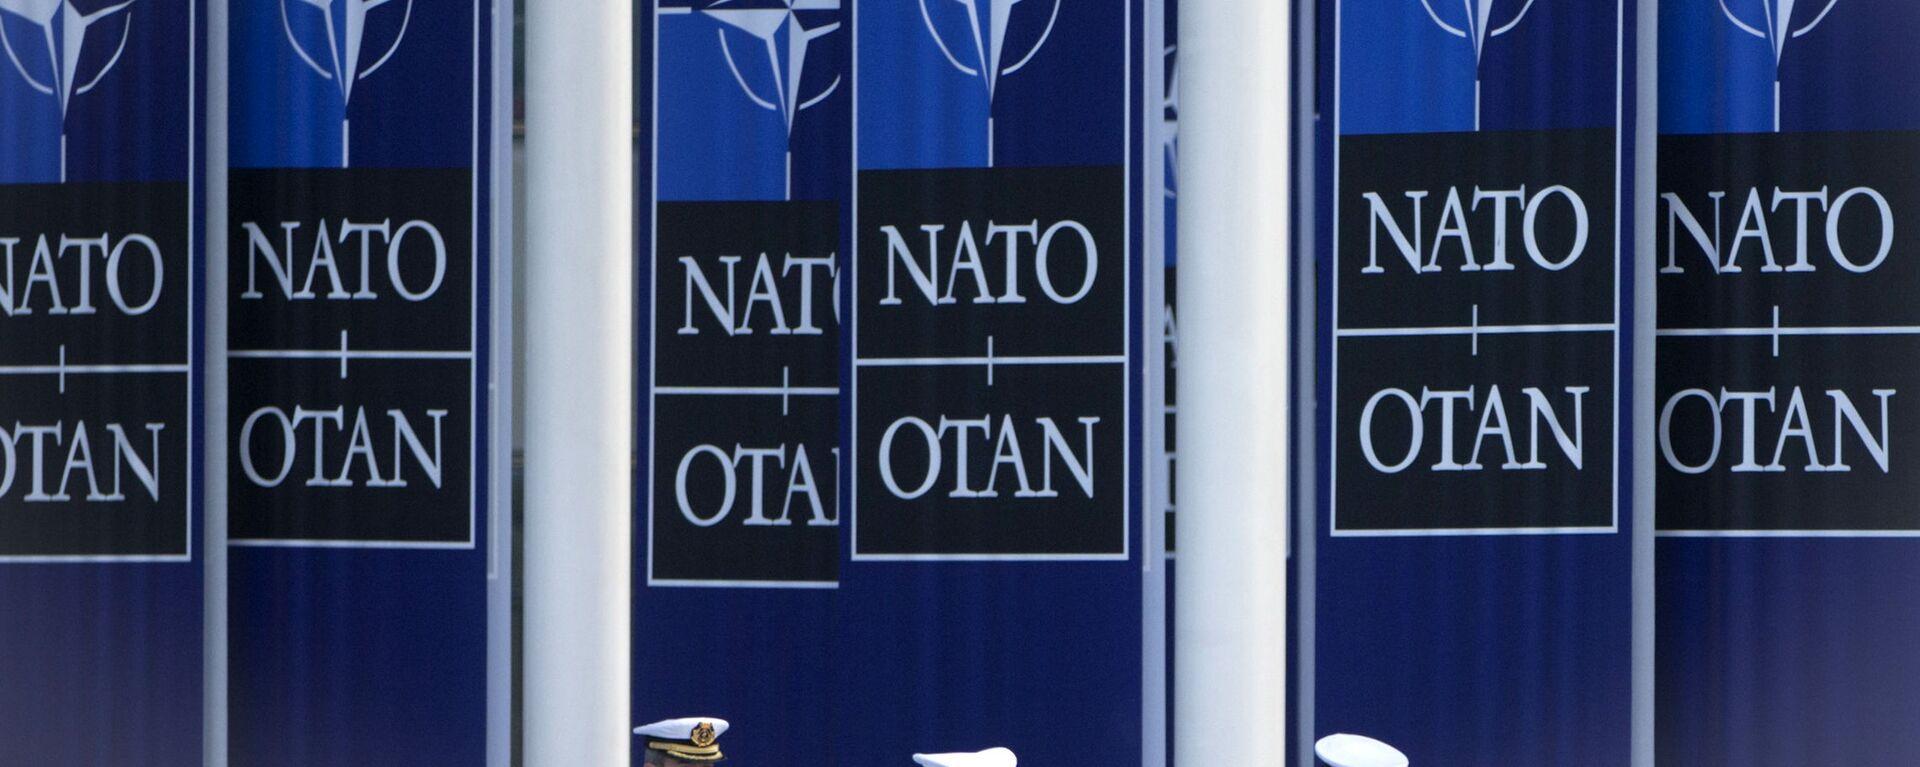 Španělští námořníci jdou pod vlajkou NATO vedle štábu aliance v Bruselu - Sputnik Česká republika, 1920, 15.06.2021